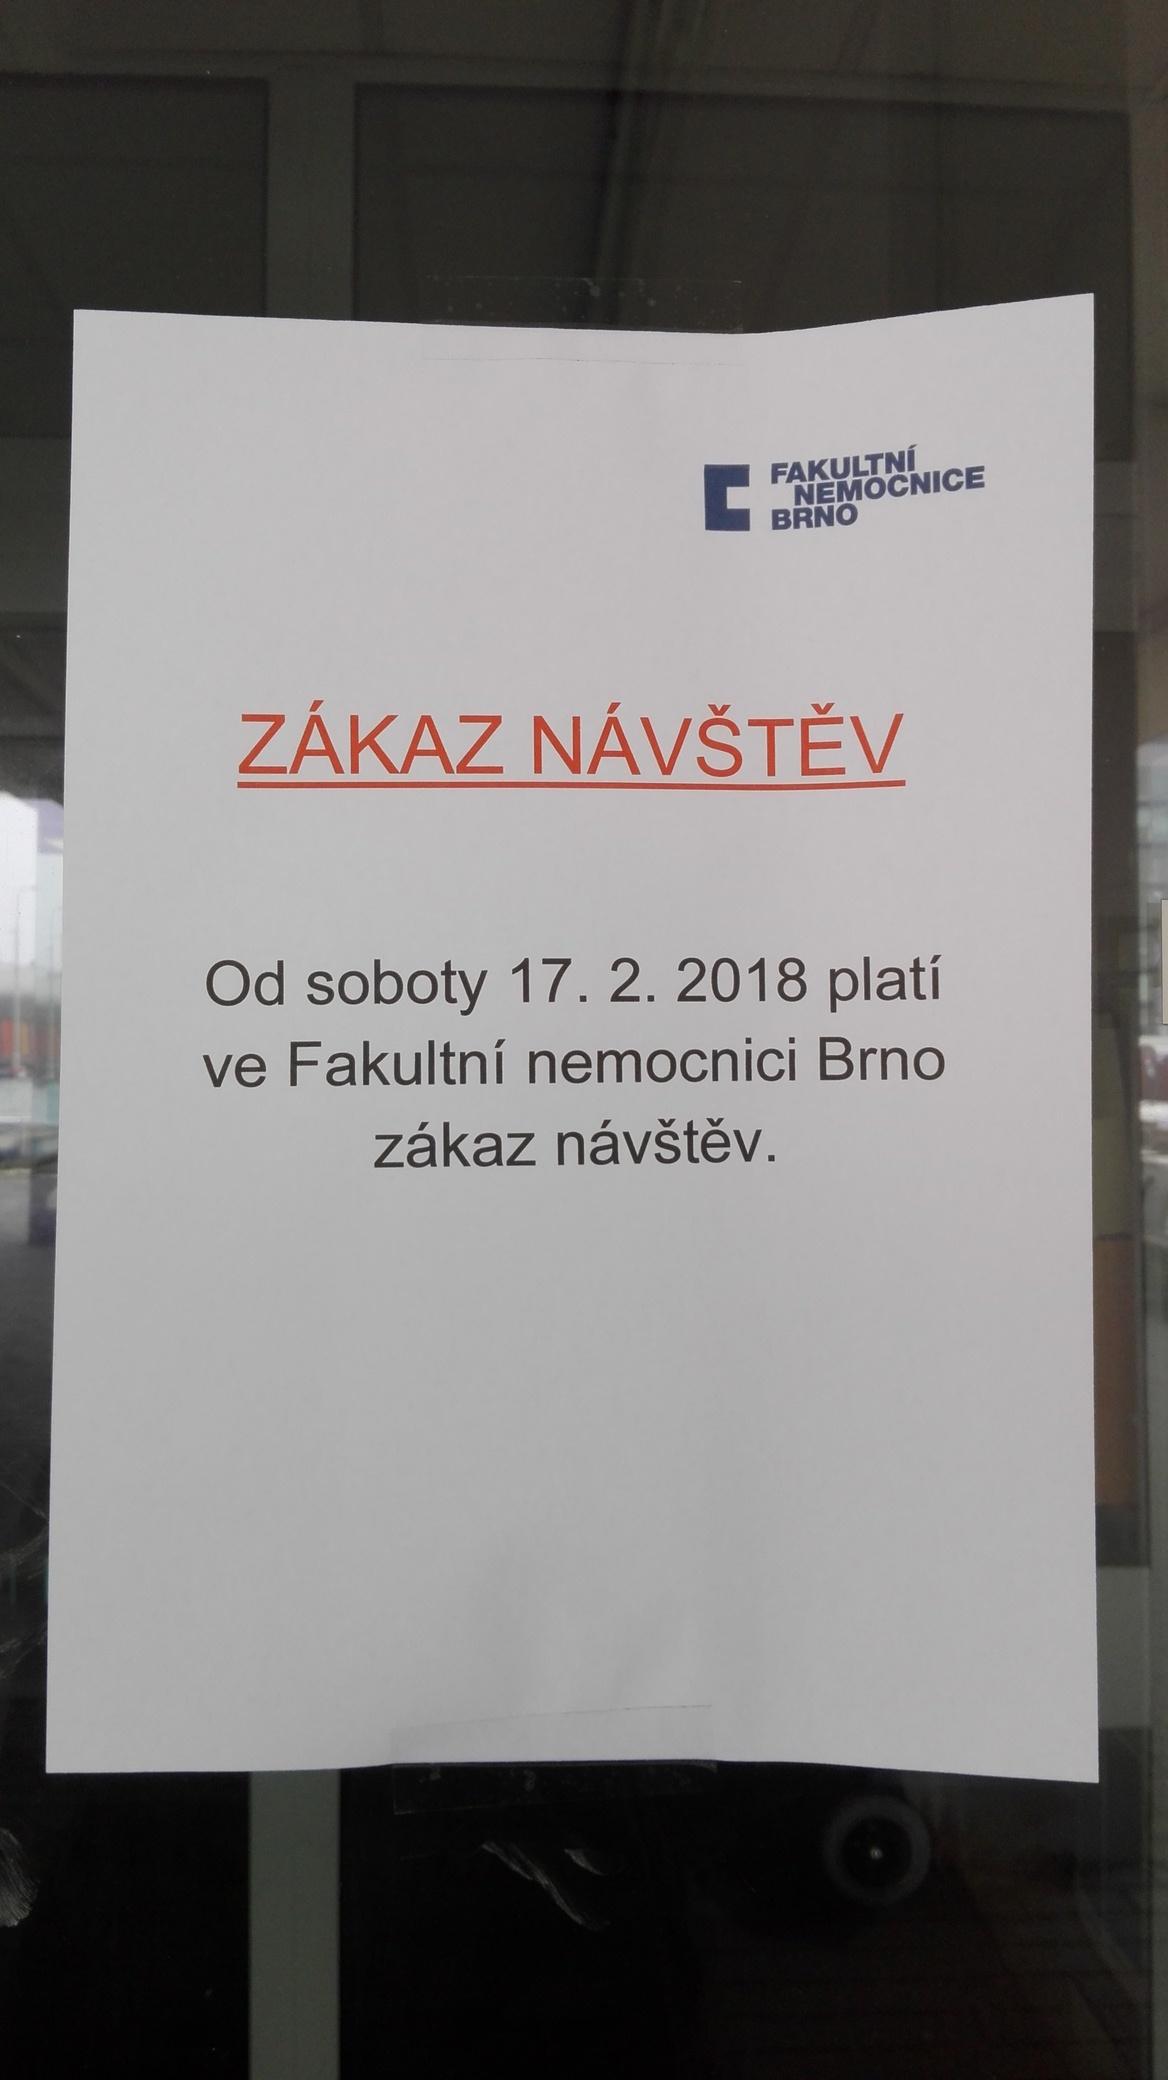 Zákaz návštěv ve Fakultní nemocnici Brno